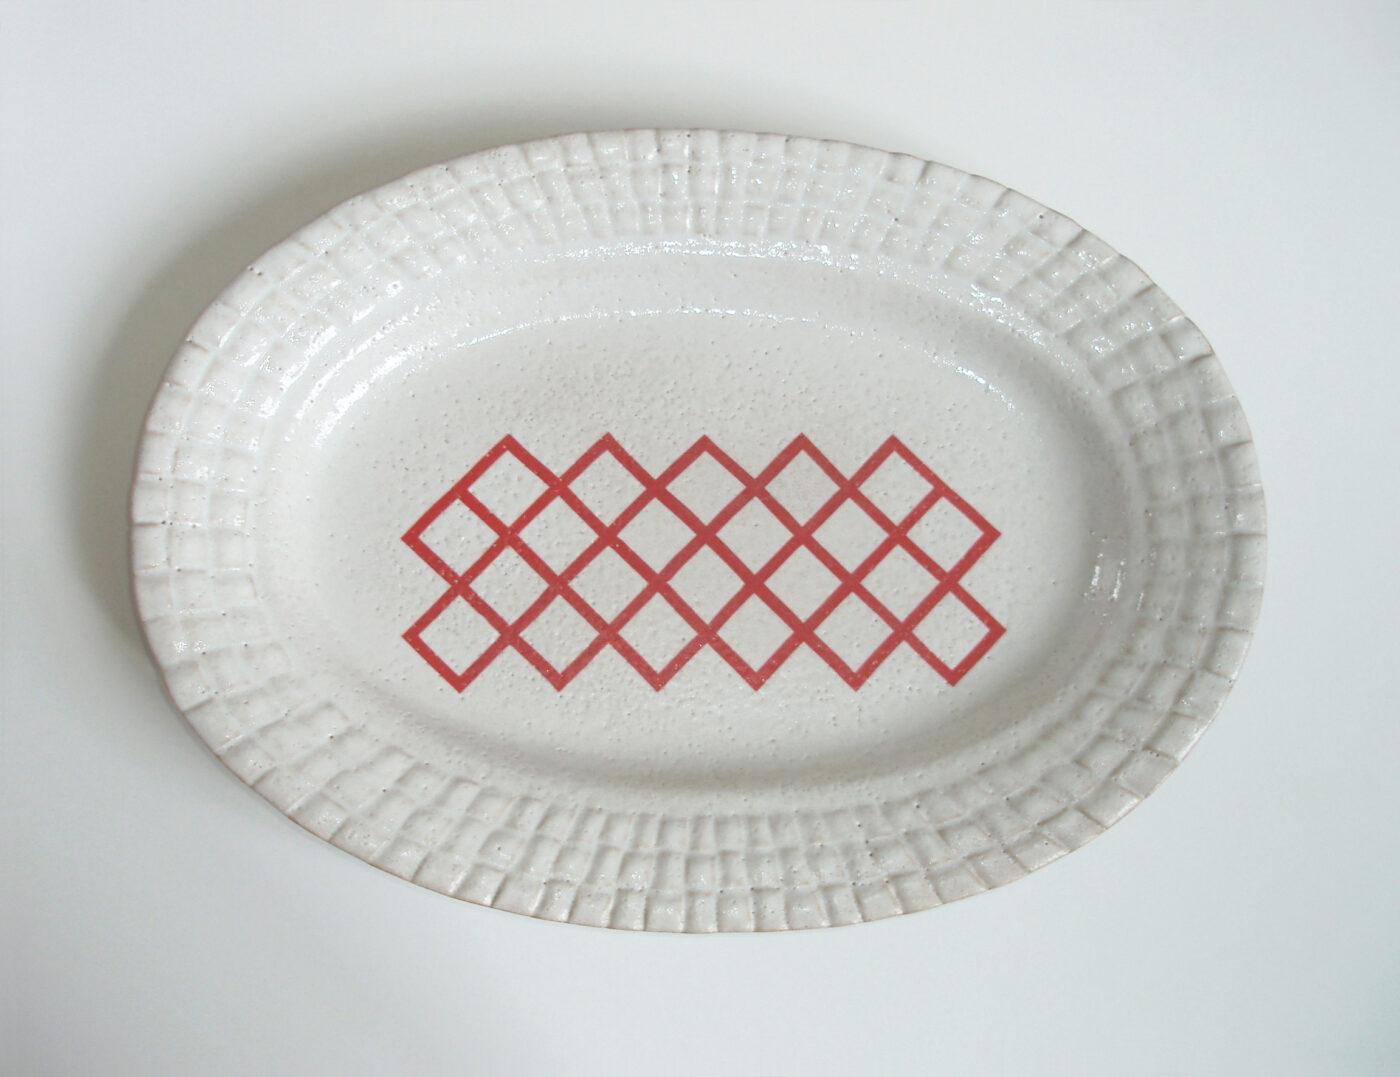 Keramiker Marianne Nielsen - Damaskusfade, Gitter, 2006